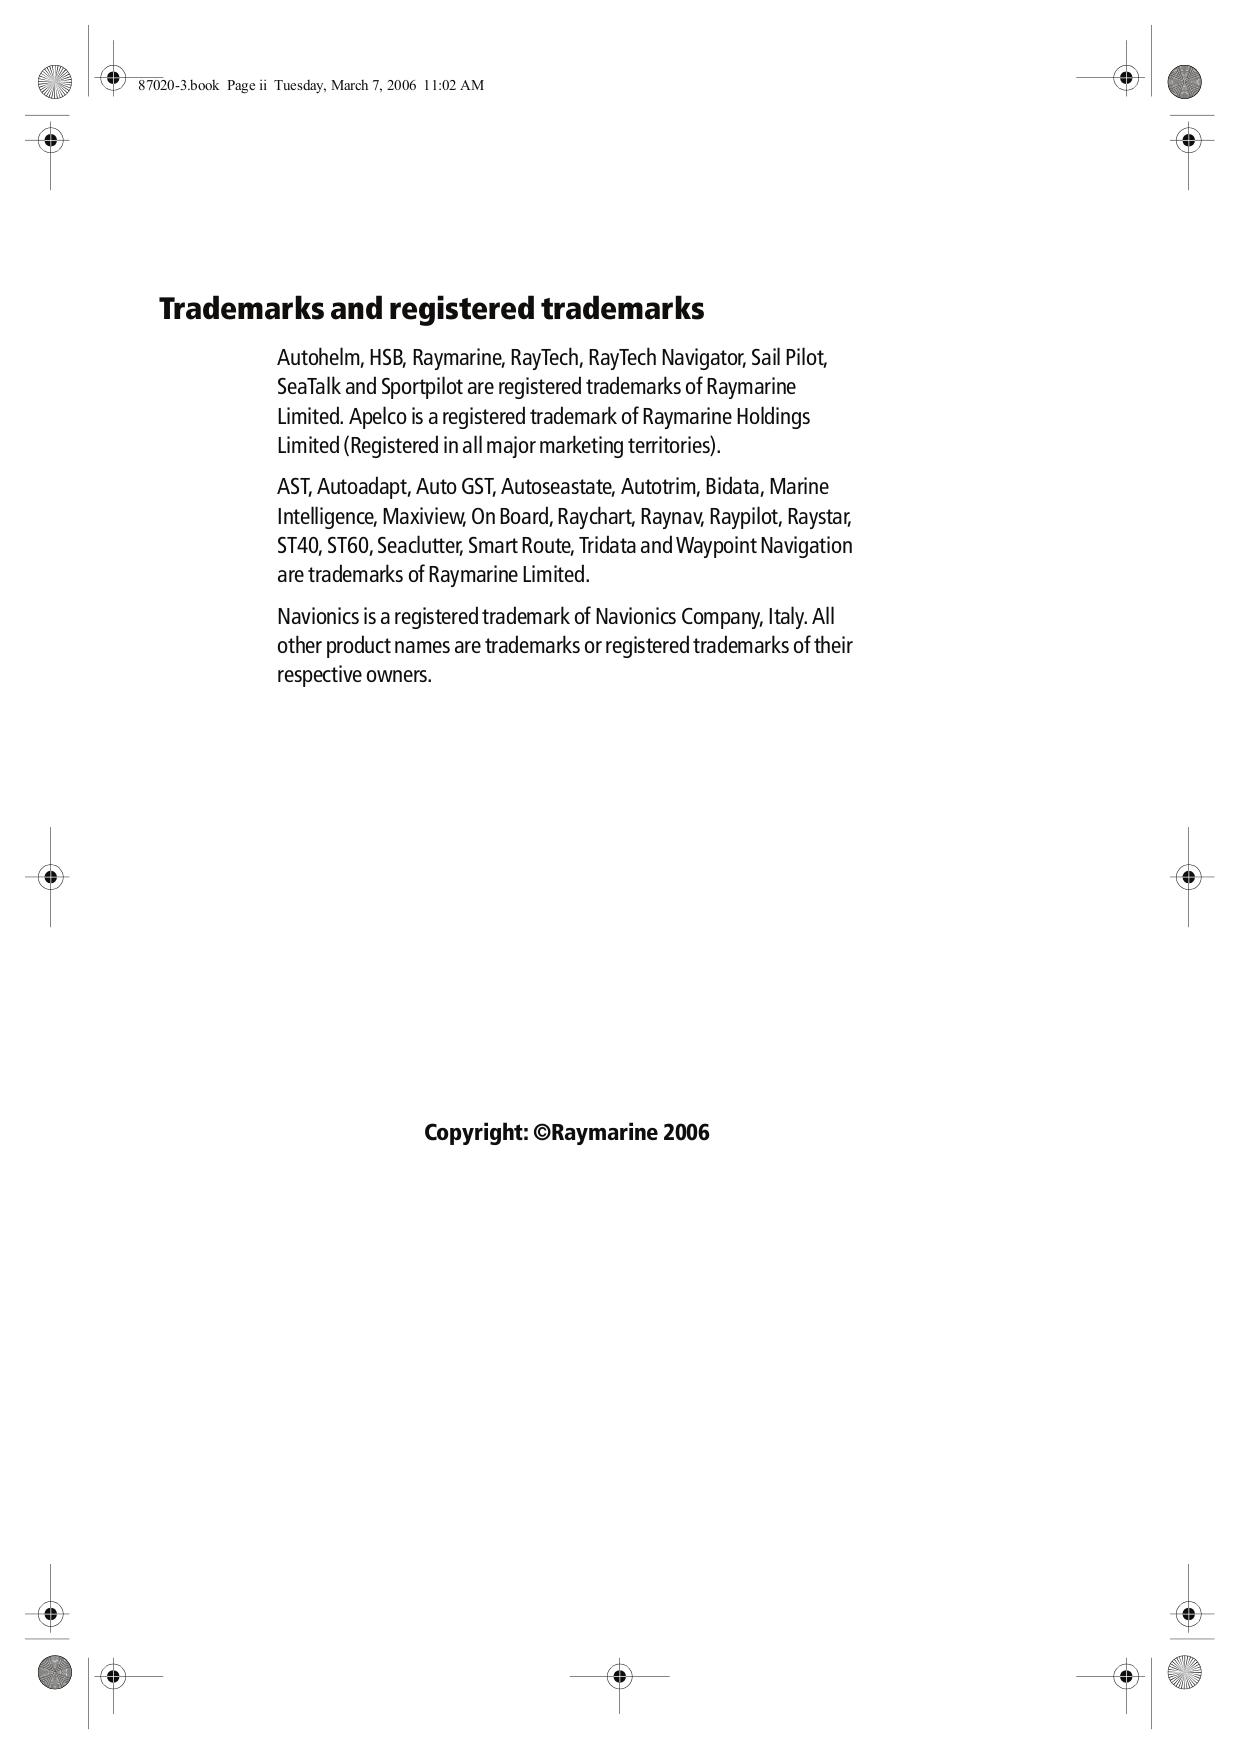 pdf manual for raymarine other apelco 360 fishfinder rh umlib com Raymarine Dragonfly Transducer Apelco 260 Fishfinder